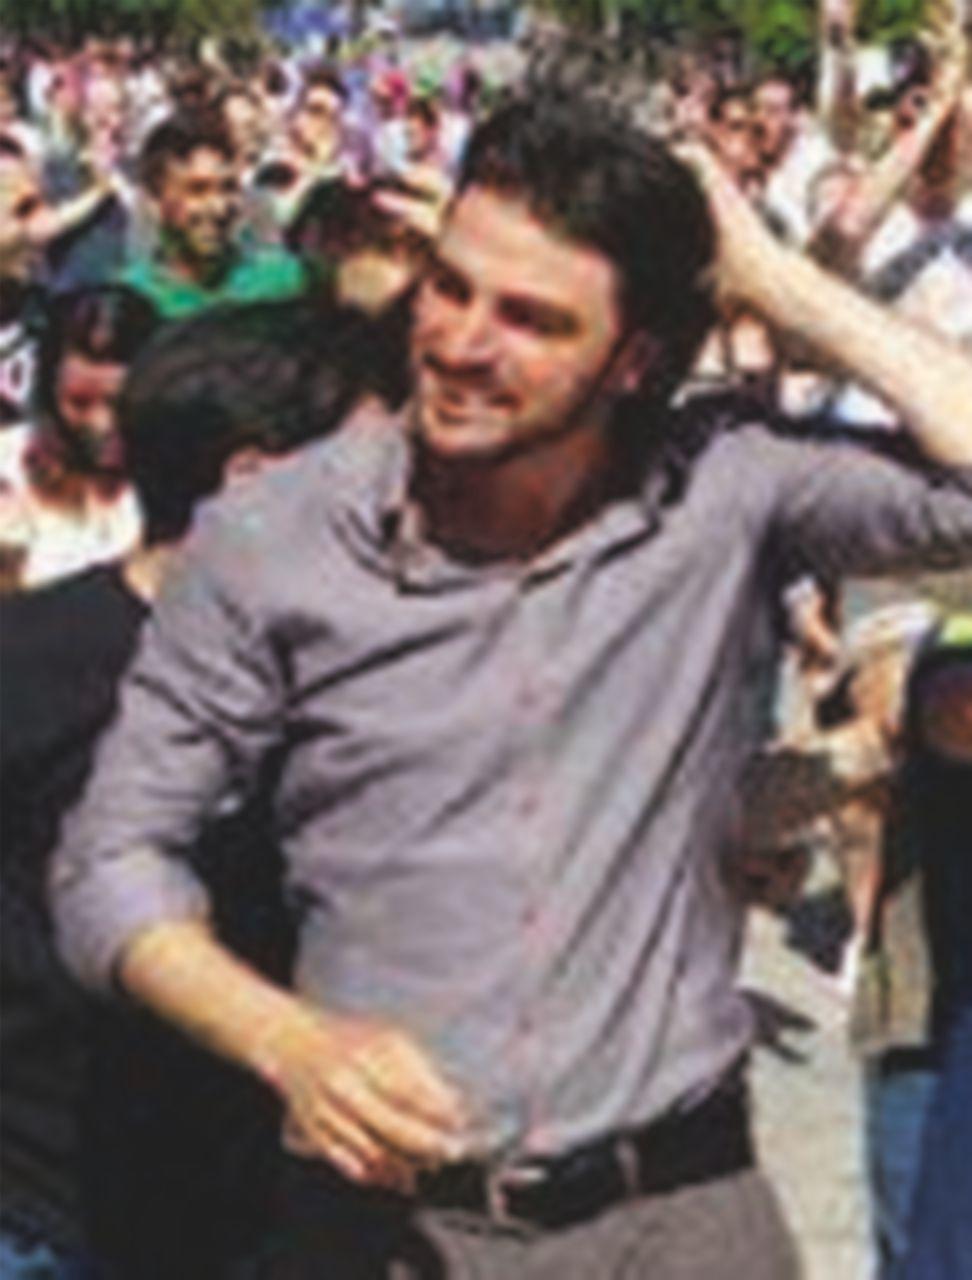 """M5S stile berluscones: """"Giustizia a orologeria"""" per il sindaco di Bagheria, indagato sui rifiuti"""